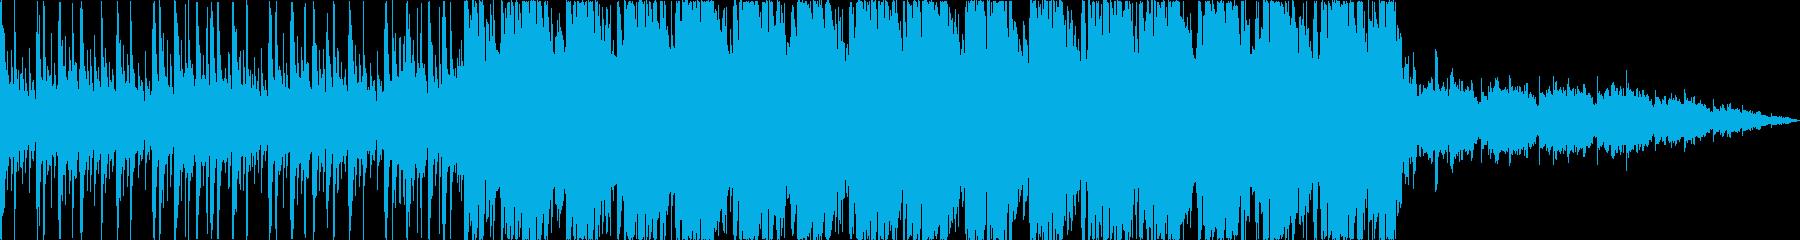 激しいデジタルロックの再生済みの波形